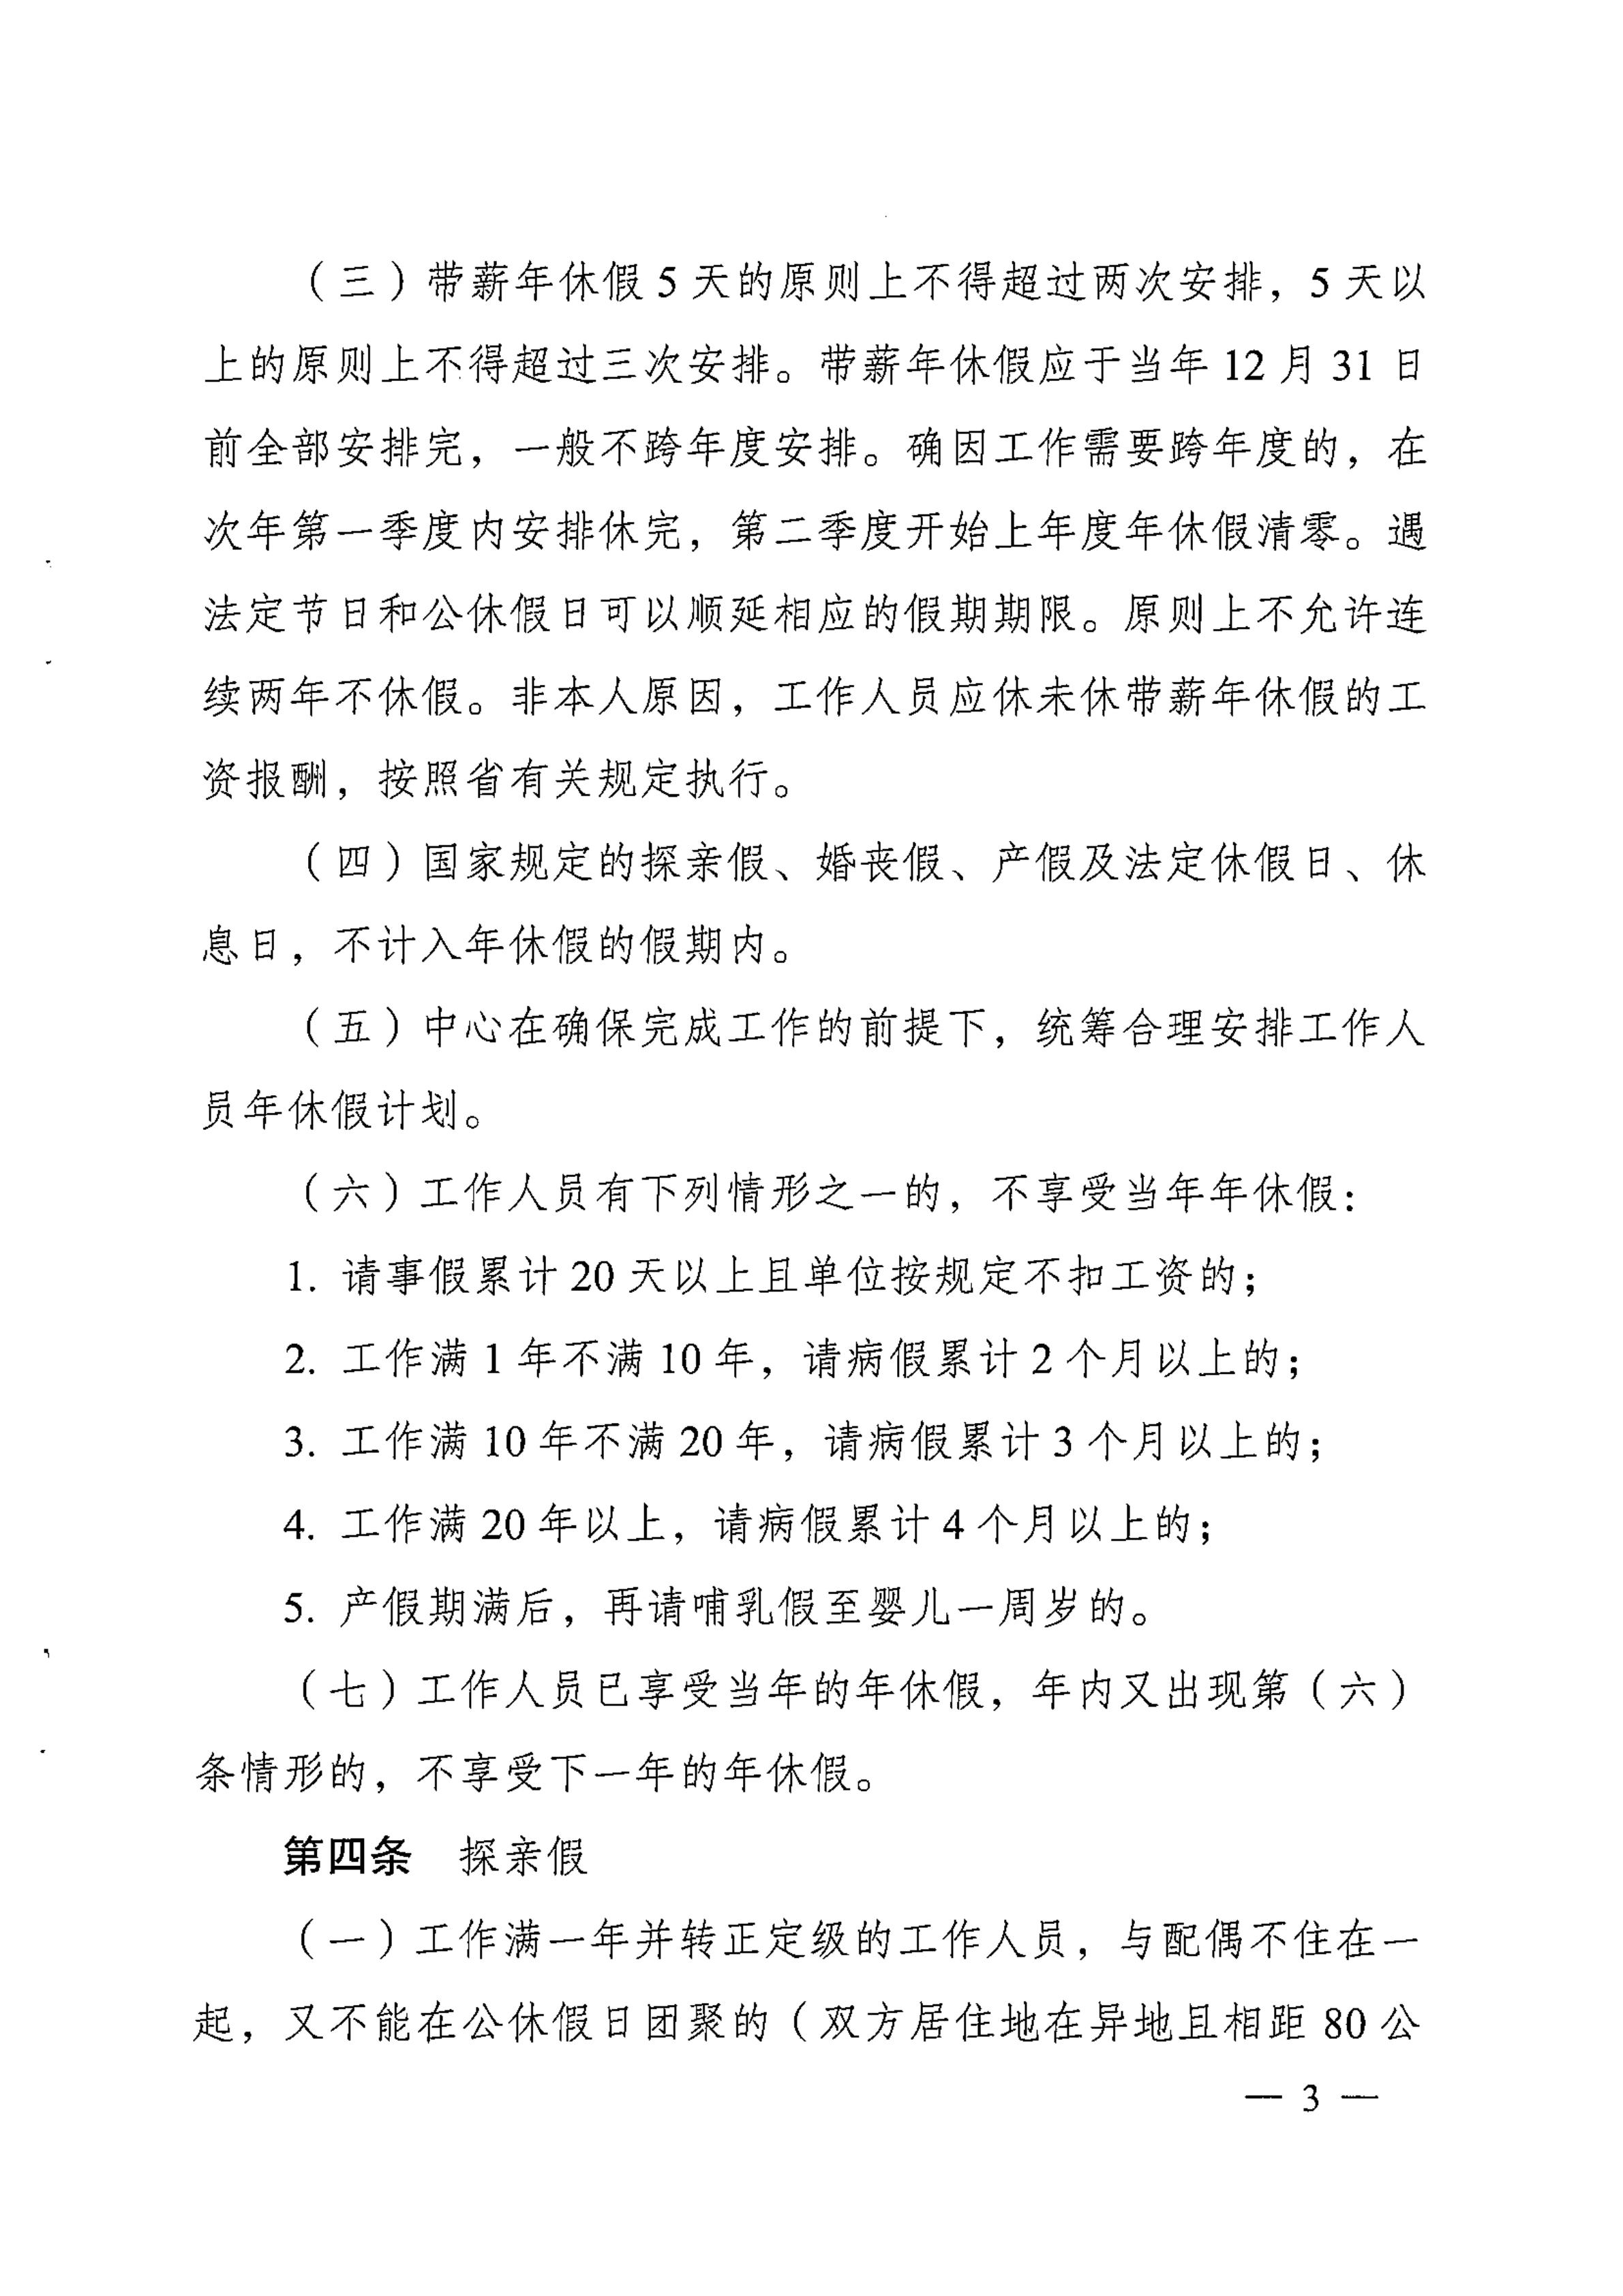 关于印发《广东省人民政府发展研究中心工作人员休假管理办法》的通知_02.jpg